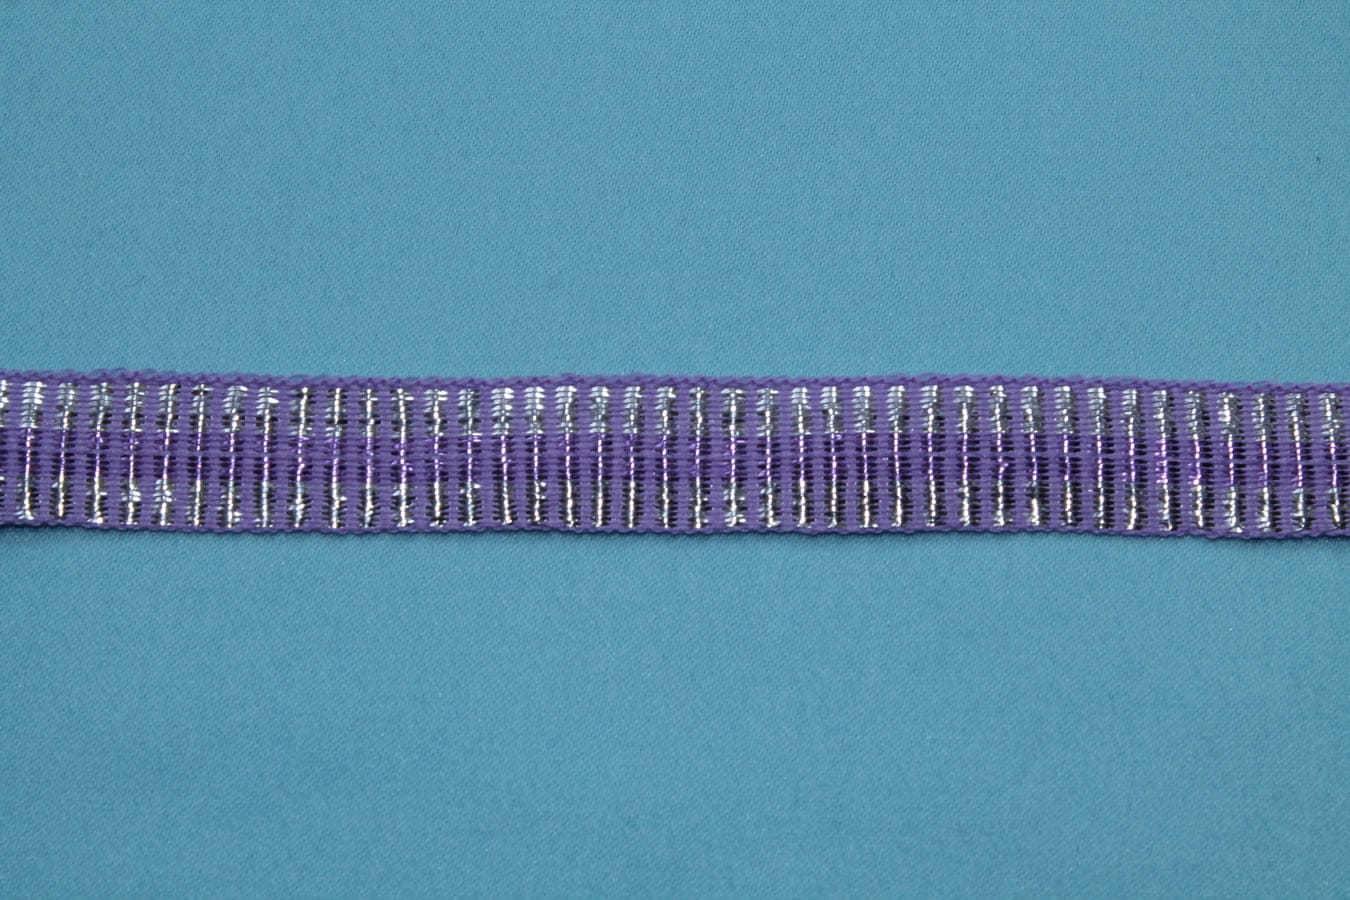 Тесьма декоративная фиолетовая переплетенная  с серебряной нитью, ширина 1,4см,  фиолетовый